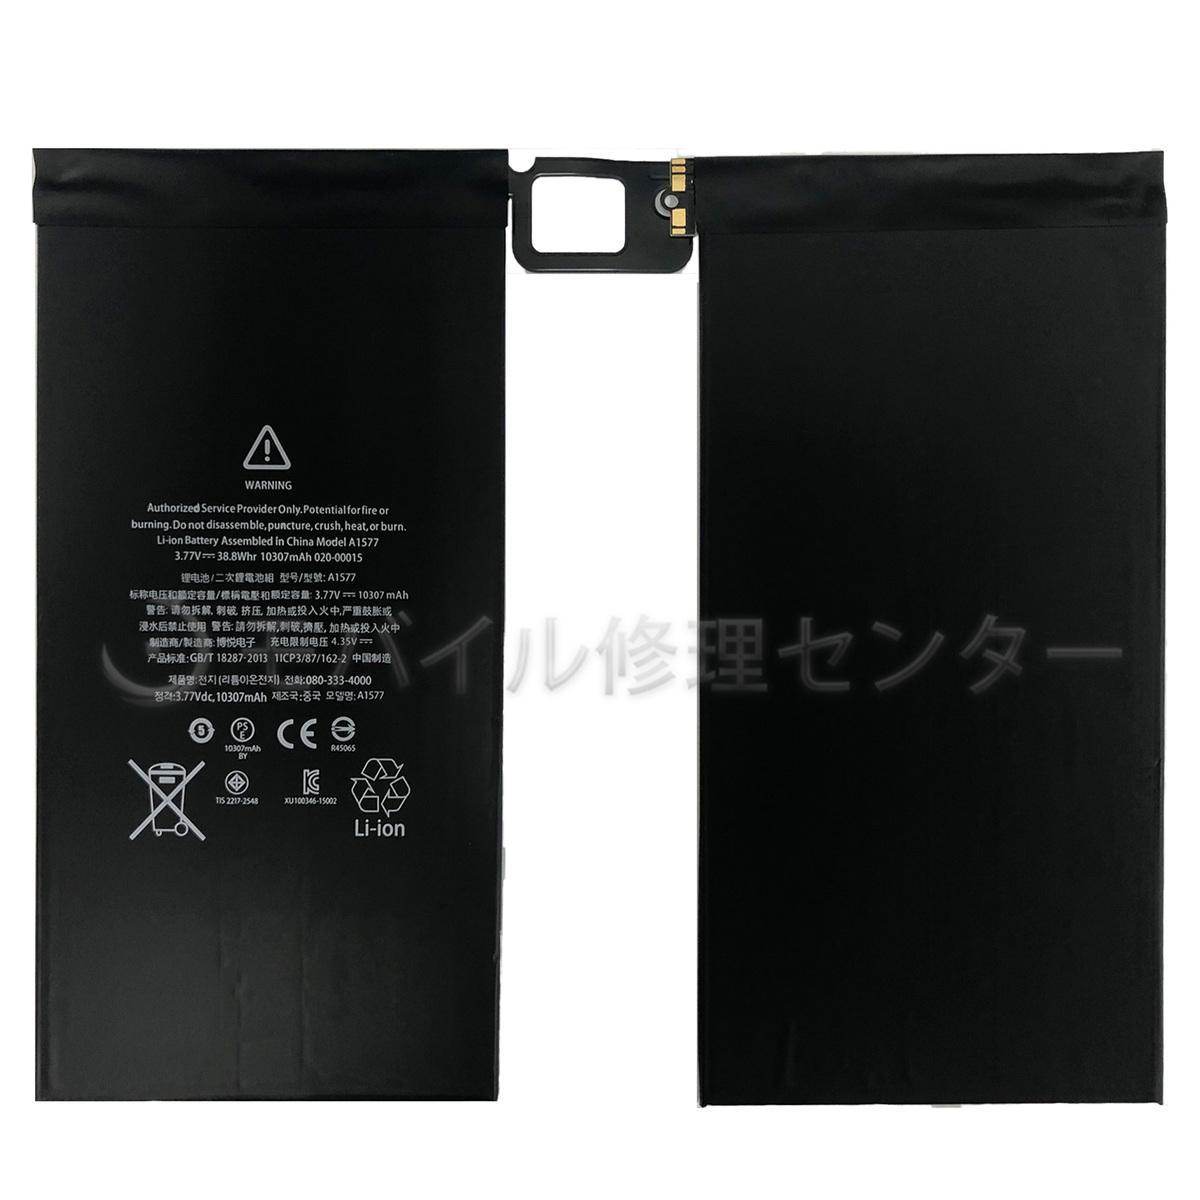 iPad pro 12.9インチ 大好評です 第一世代 ●日本正規品● 2015 交換専用バッテリー バッテリー 経験者向け A1584 互換バッテリー 交換バッテリー 業者向け A1577 A1652